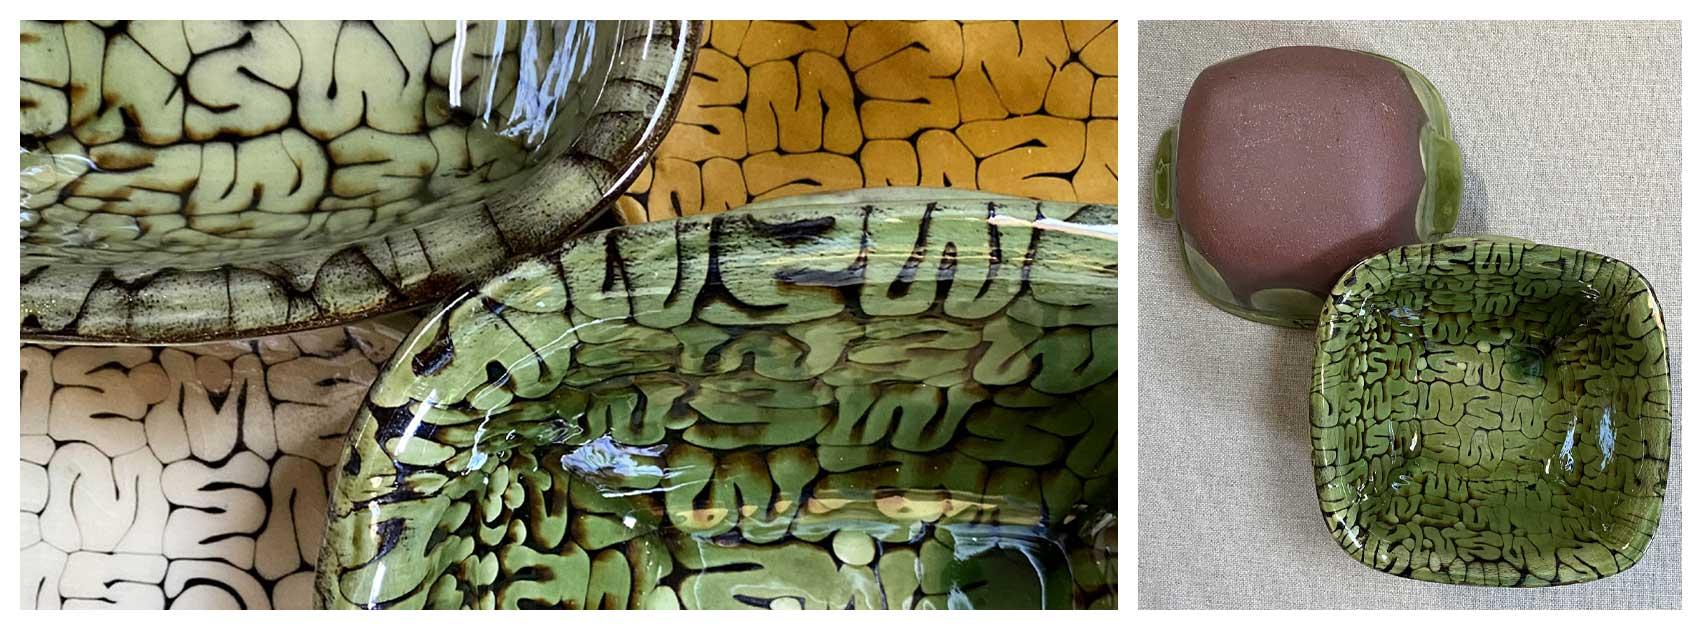 Patia Davis Pottery Dishes Tinsmiths